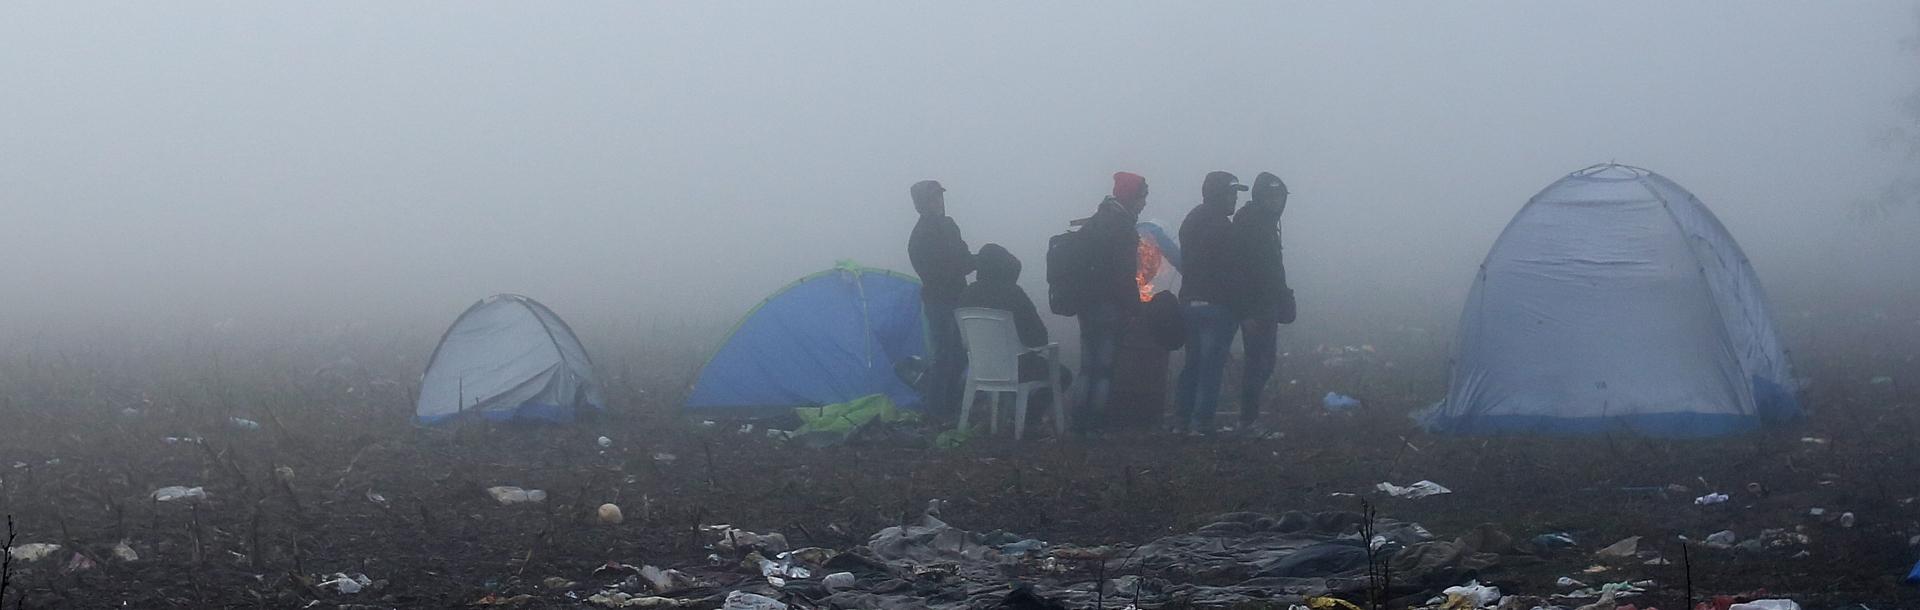 VIDEO: VELIKA TRAGEDIJA: Više od osamdeset poginulih nakon sklizanja terena u rudniku